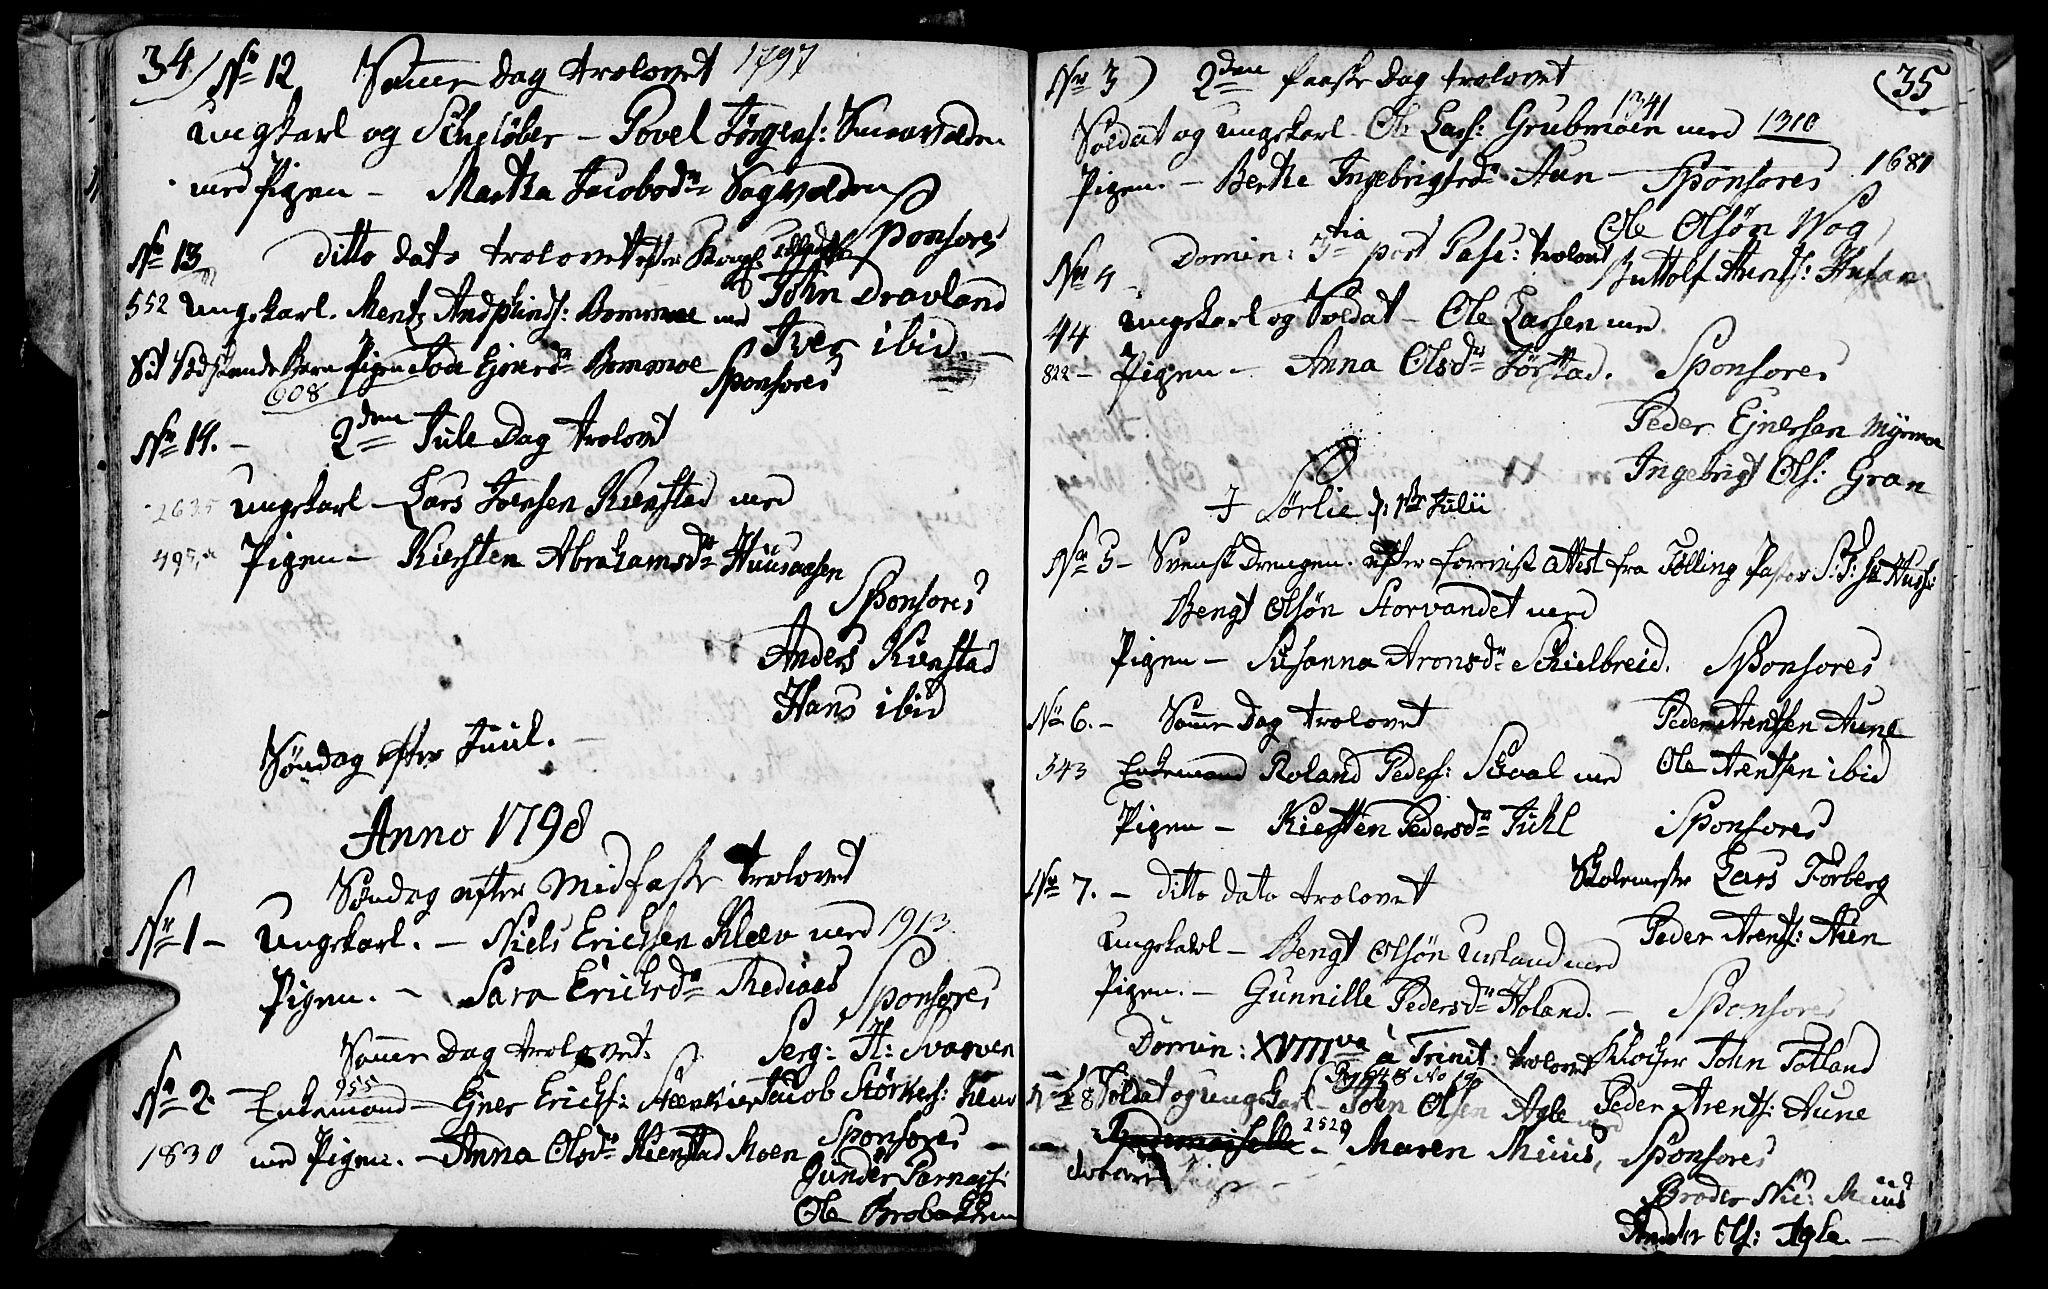 SAT, Ministerialprotokoller, klokkerbøker og fødselsregistre - Nord-Trøndelag, 749/L0468: Ministerialbok nr. 749A02, 1787-1817, s. 34-35